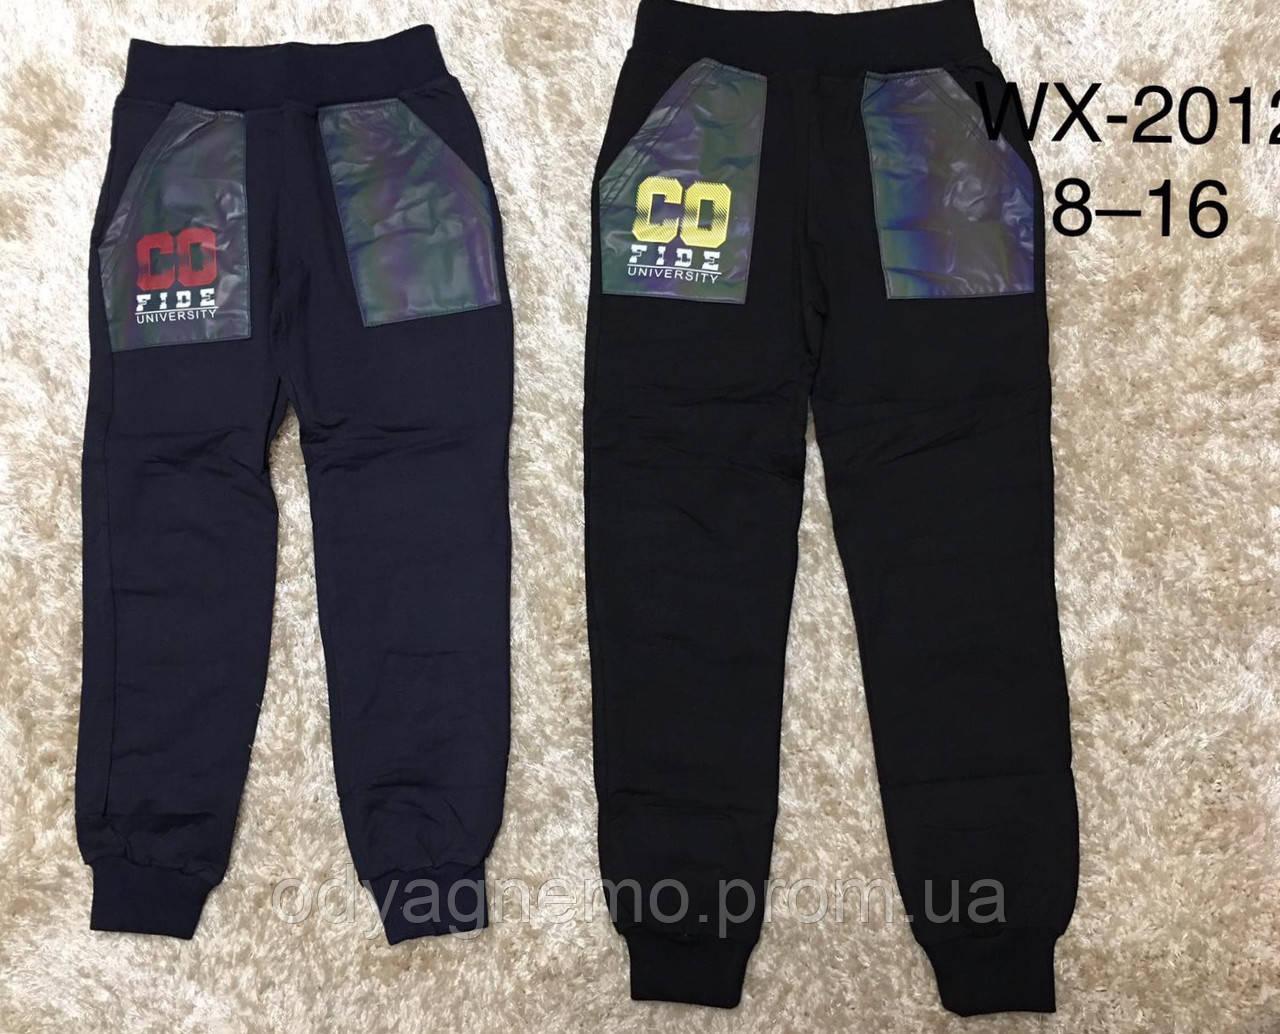 Спортивные брюки для мальчиков F&D, 8-16 лет. Артикул: WX2012